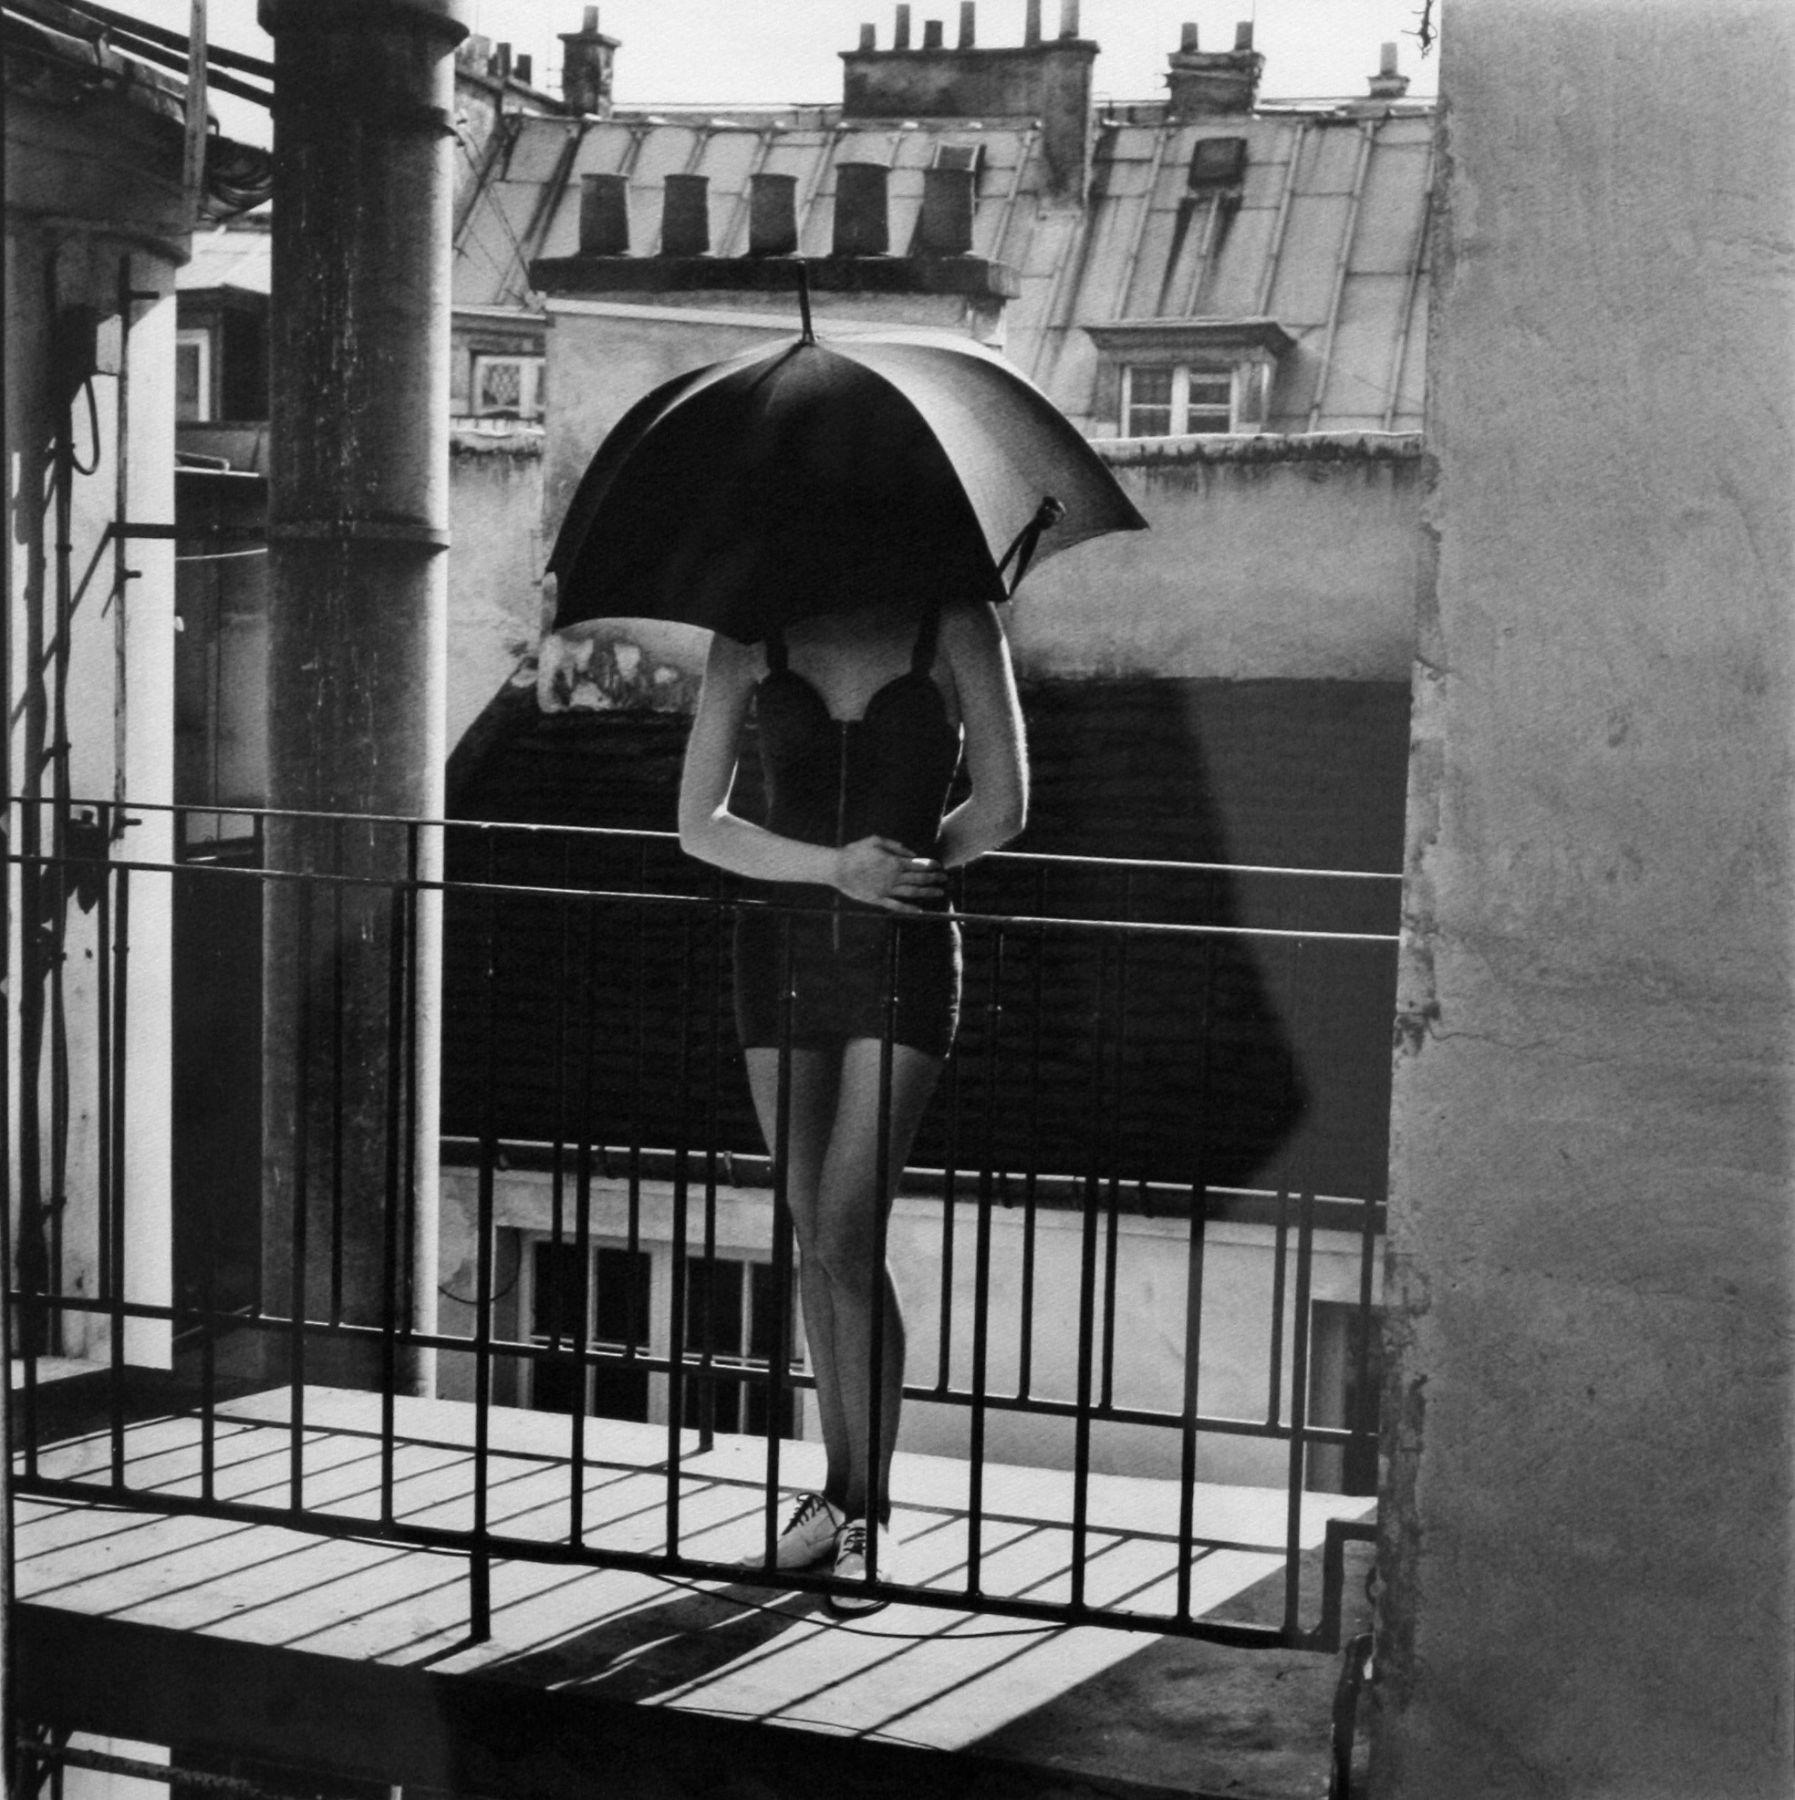 Paris, untitled (girl with umbrella), Nigel Scott, 1987